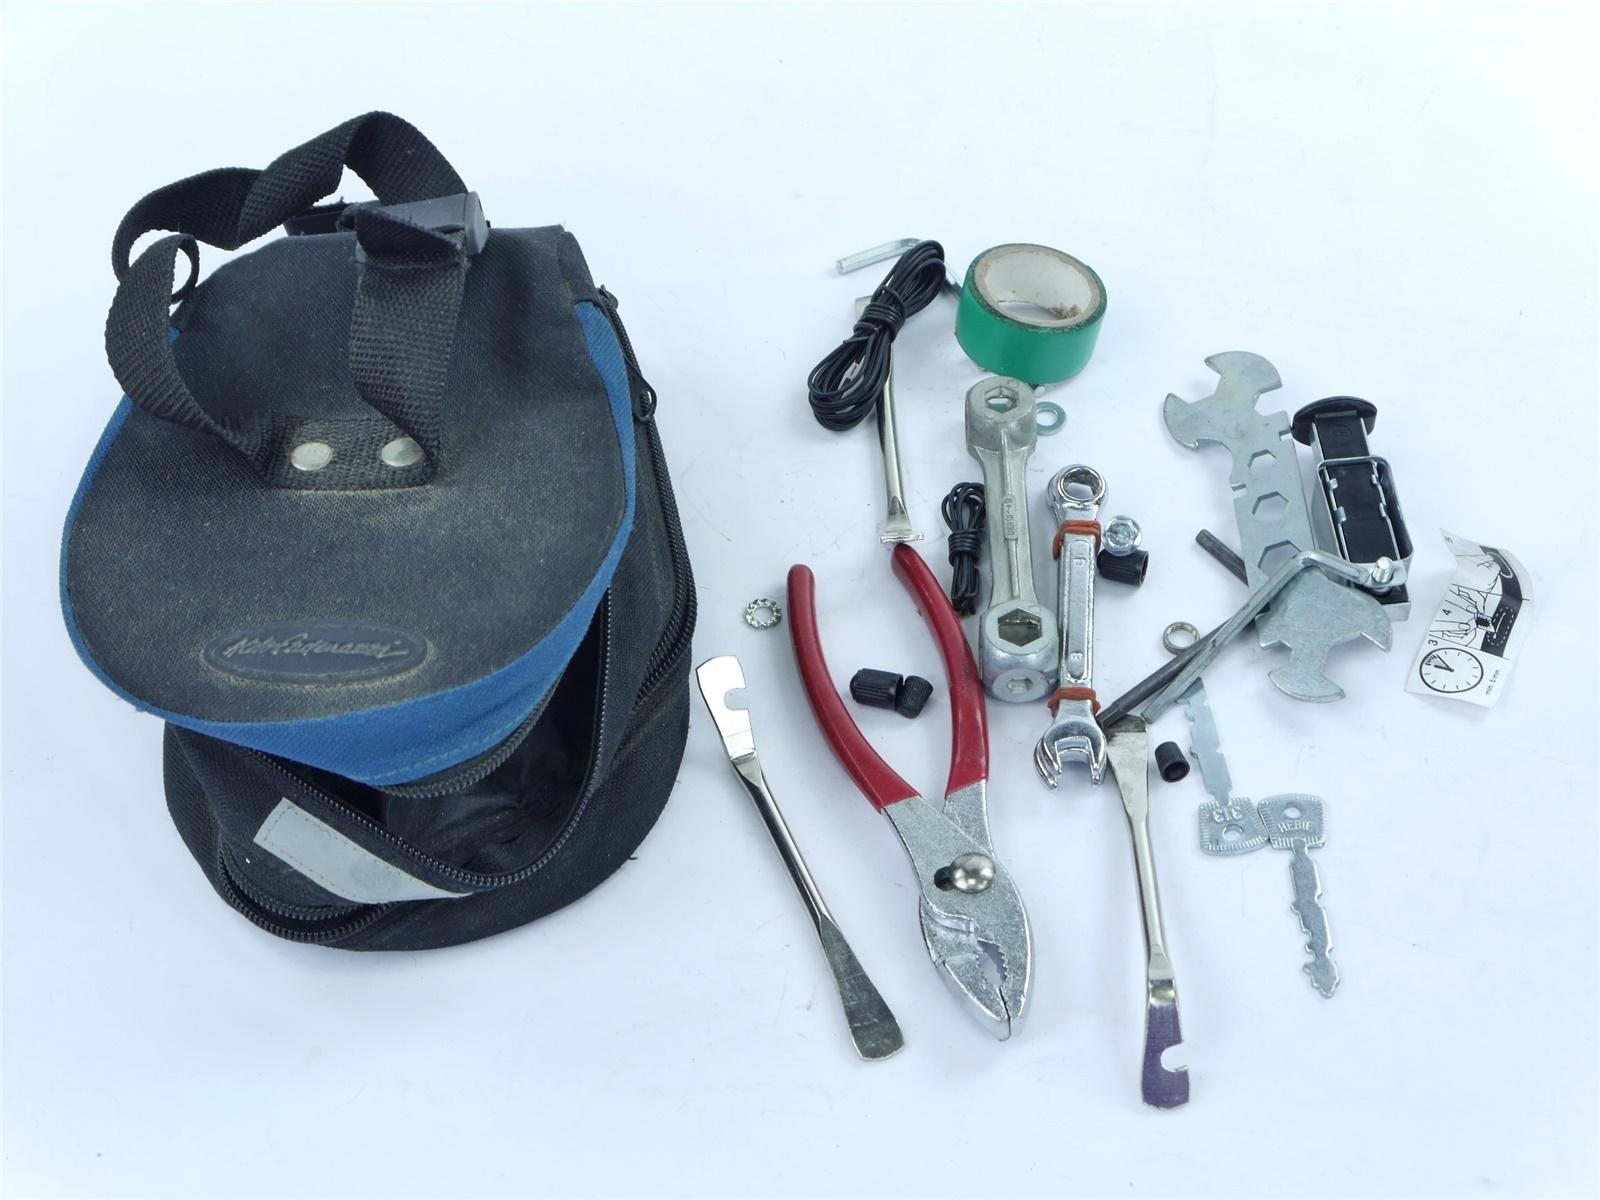 E122 Werkzeug Schraubenschlüssel Zange in Tasche